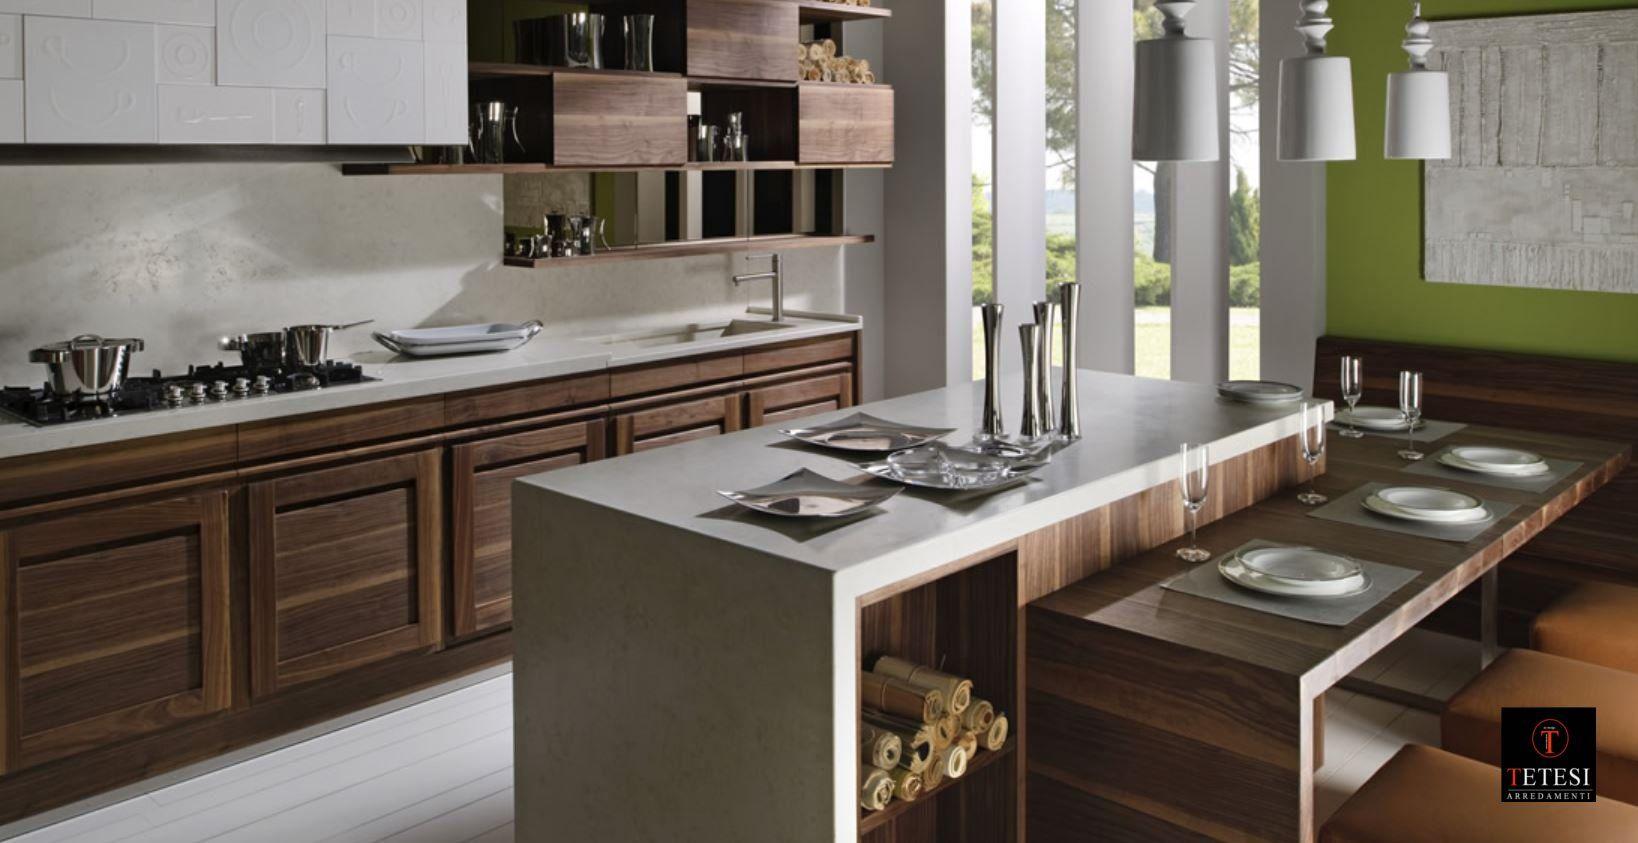 Isole cucina con tavolo google search home ideas - Cucina con tavolo estraibile ...